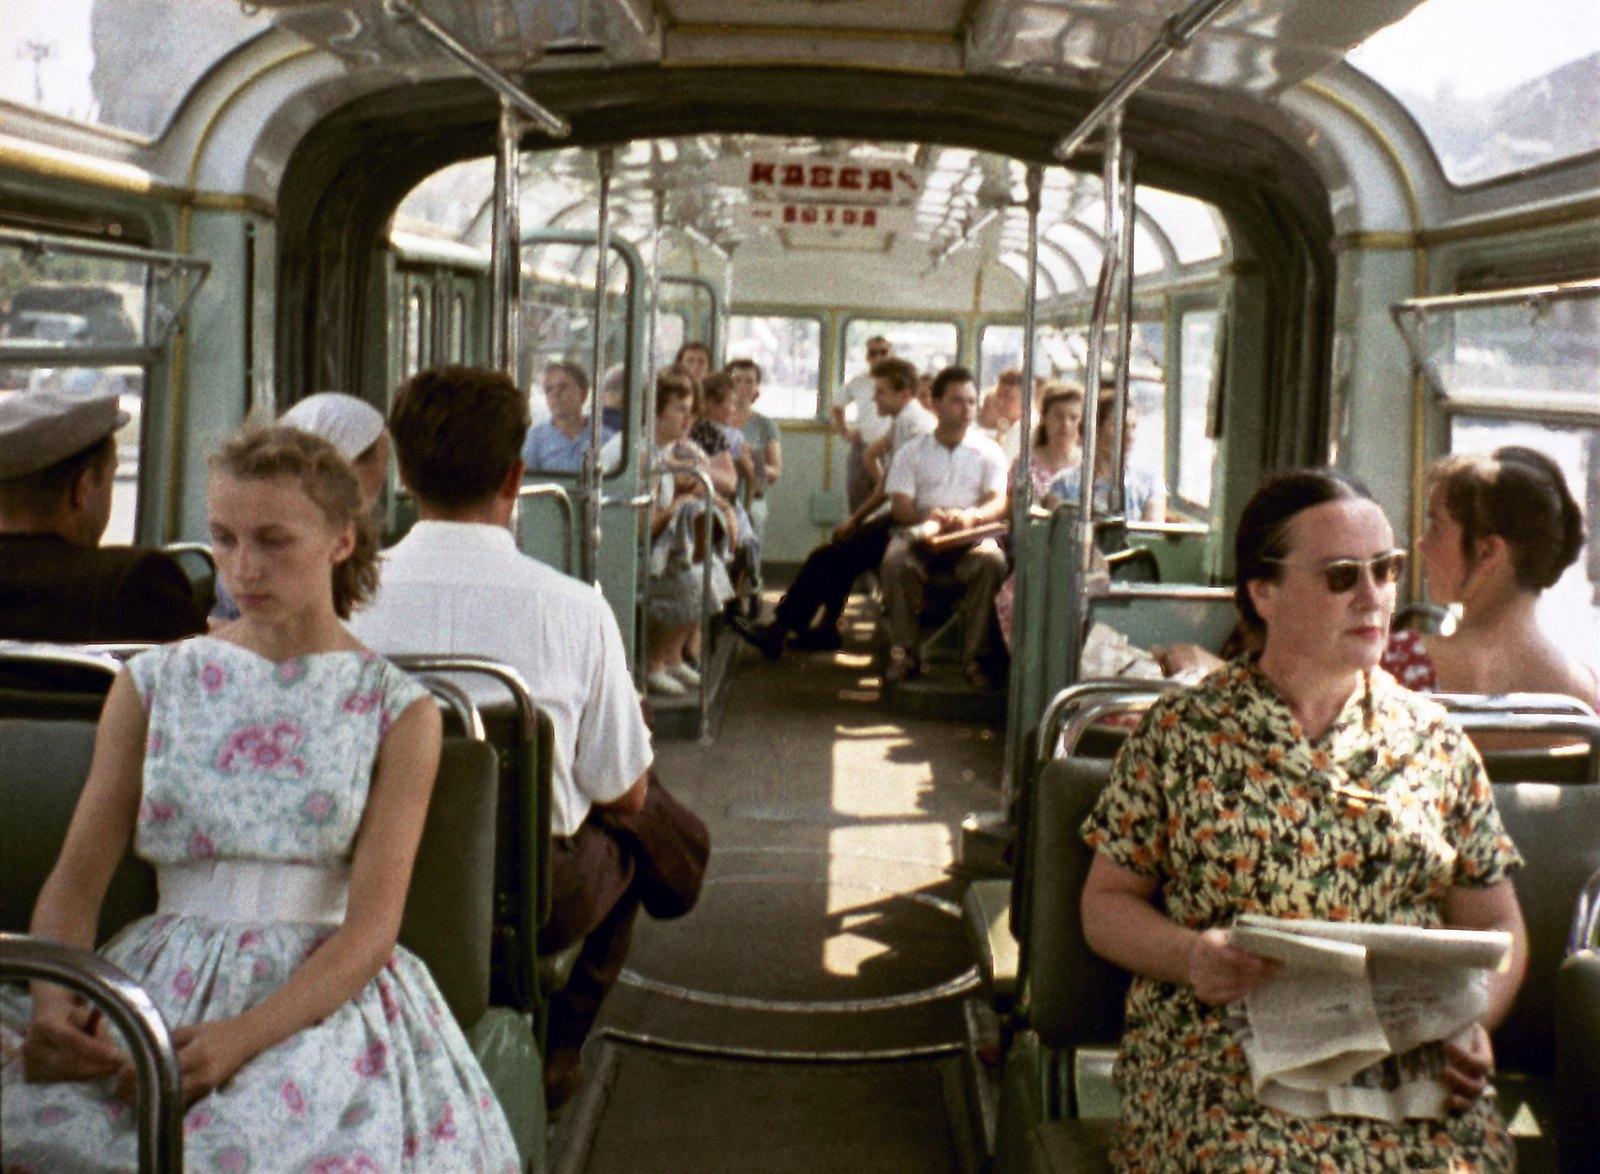 1961. В городском троллейбусе. Кадр из документального фильма «Город большой судьбы» (реж. И.П. Копалин, ЦСДФ, 1961)